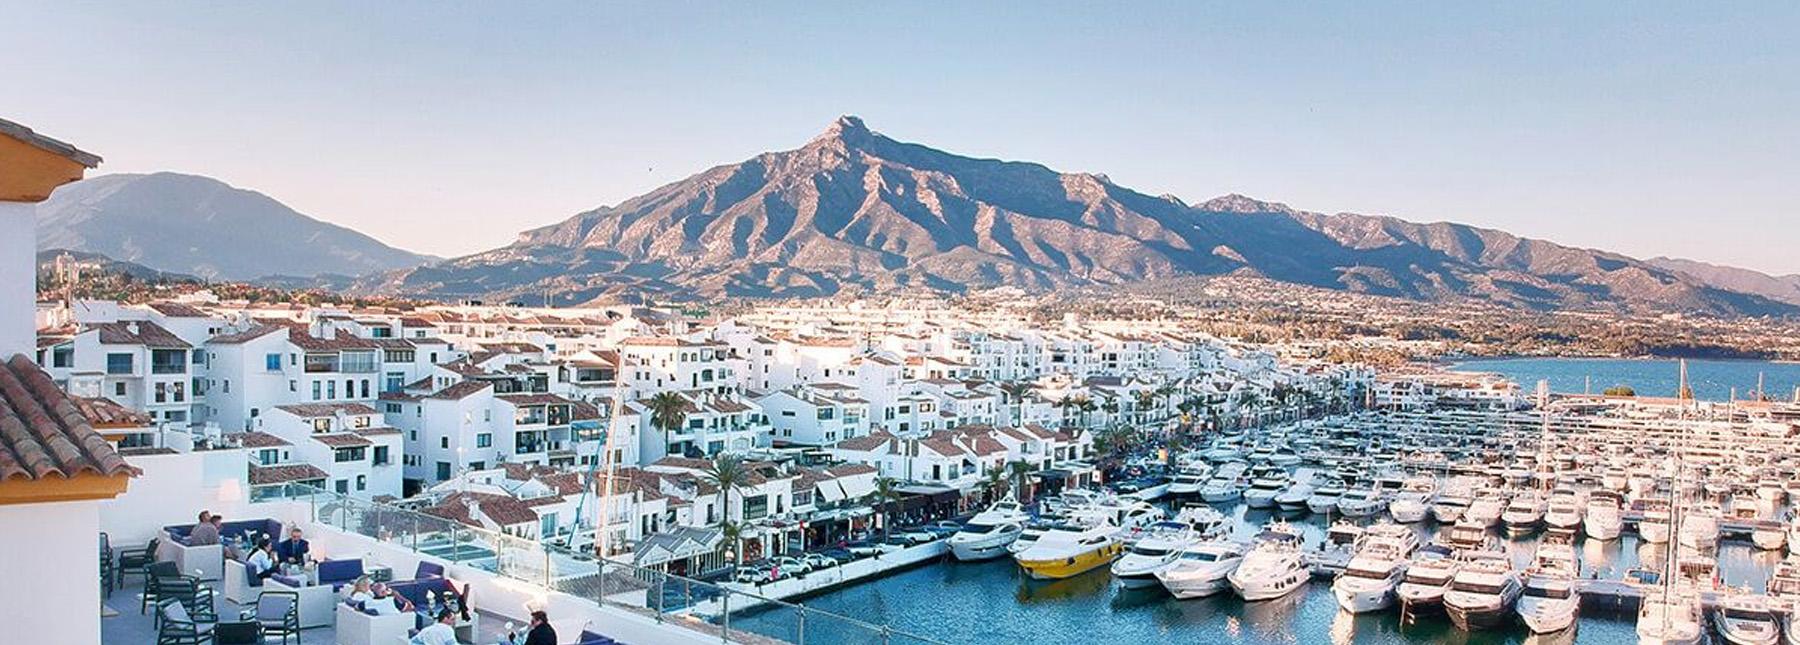 Marbella Summer 2021